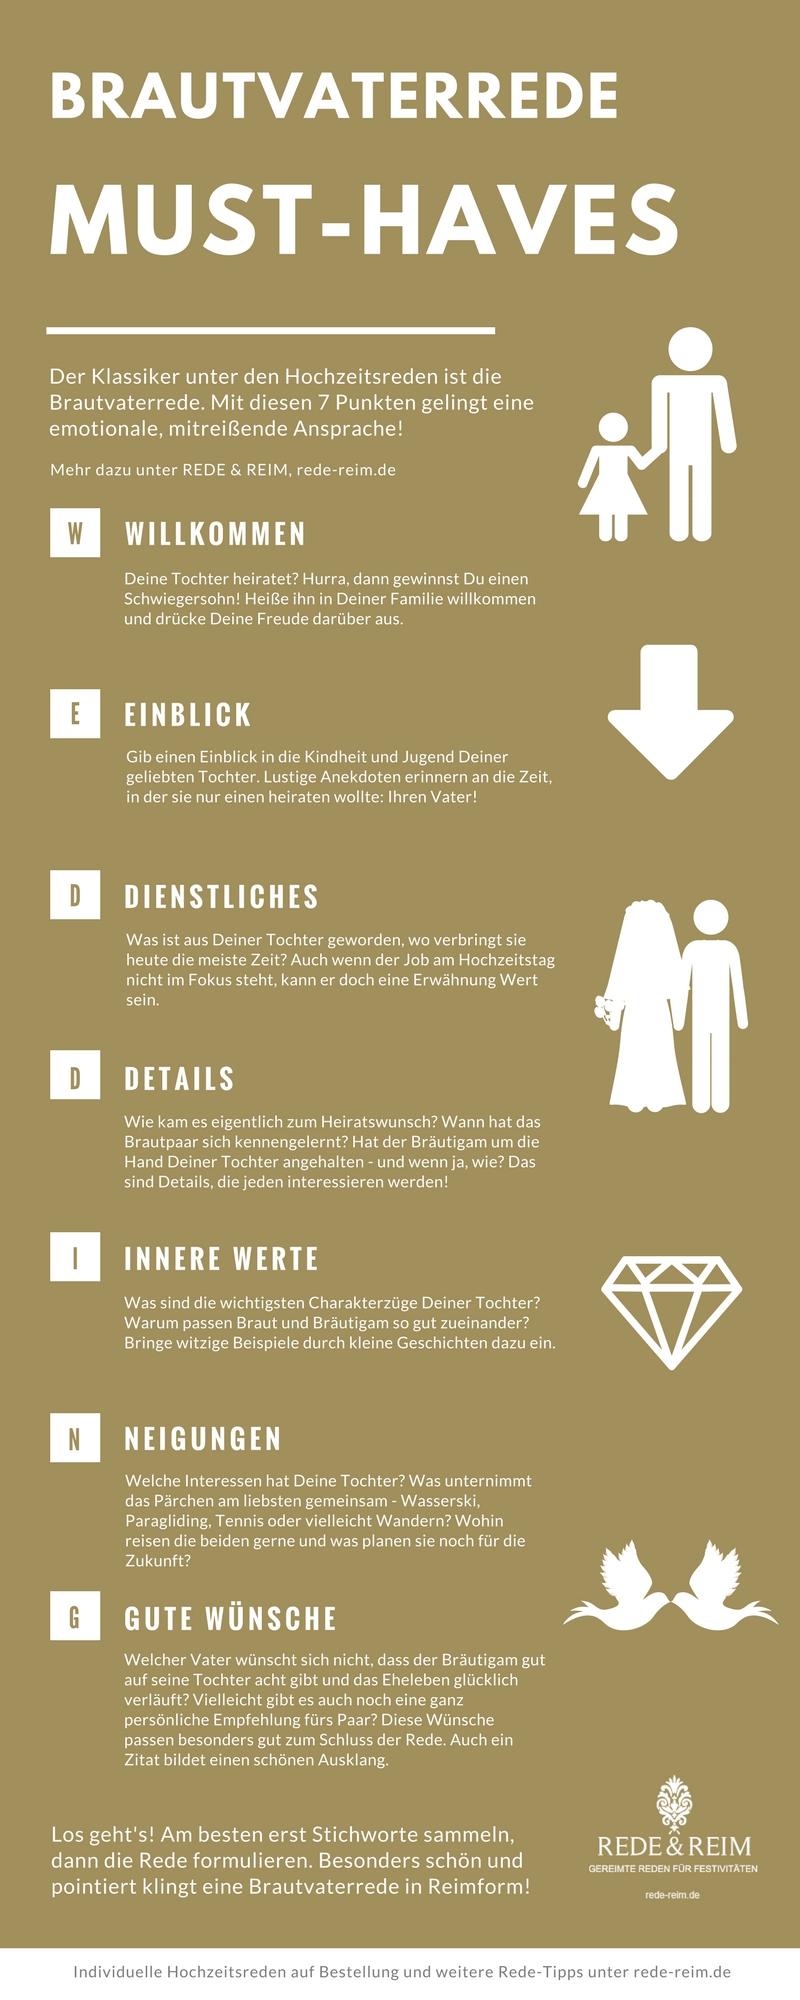 brautvaterrede guideline - Hochzeitsreden Beispiele